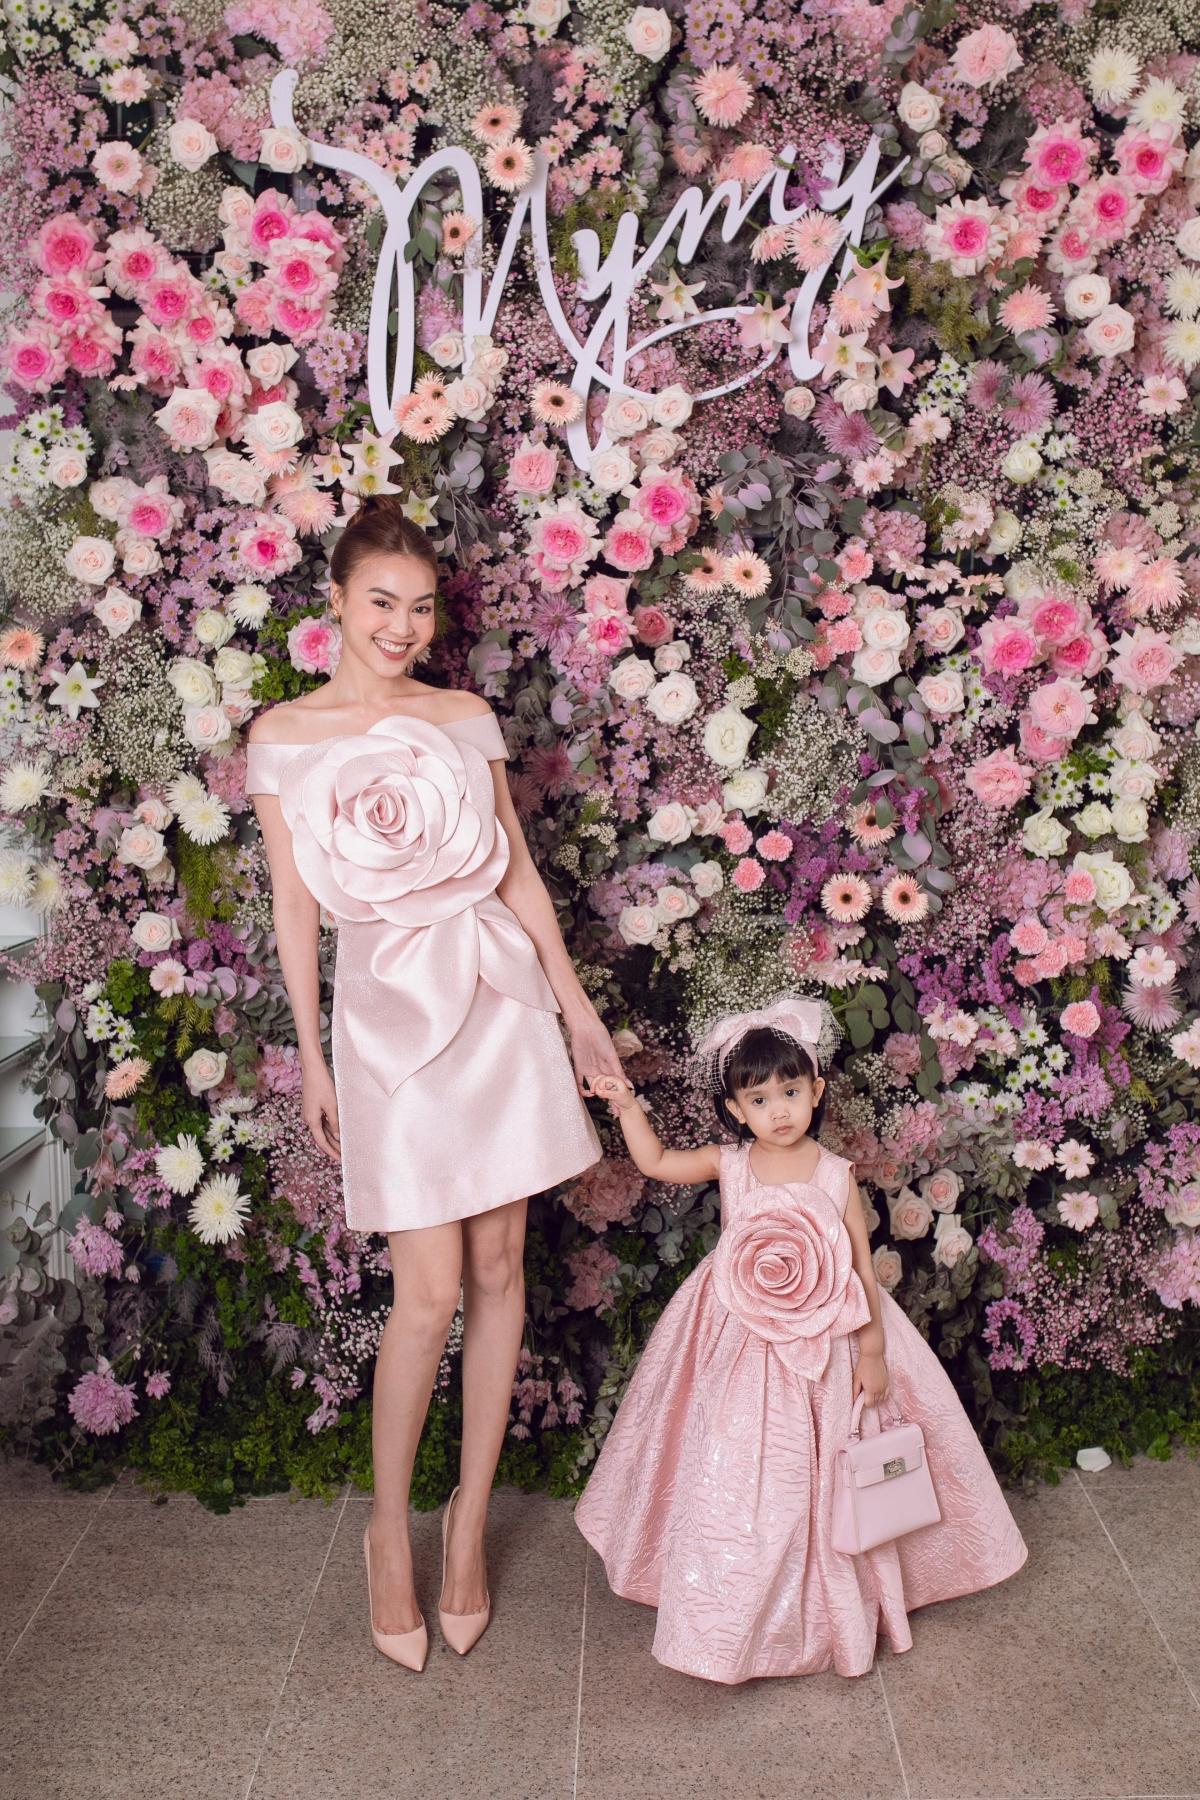 Diễn viên Ninh Dương Lan Ngọc gợi cảm trong chiếc đầm trễ vai.Trang phục được tạo điểm nhấn bằng hình ảnh hoa bạch trà tobản. Lan Ngọc trang điểm tông hồng phấn để mang đến sự đồng điệu vớitrang phục.